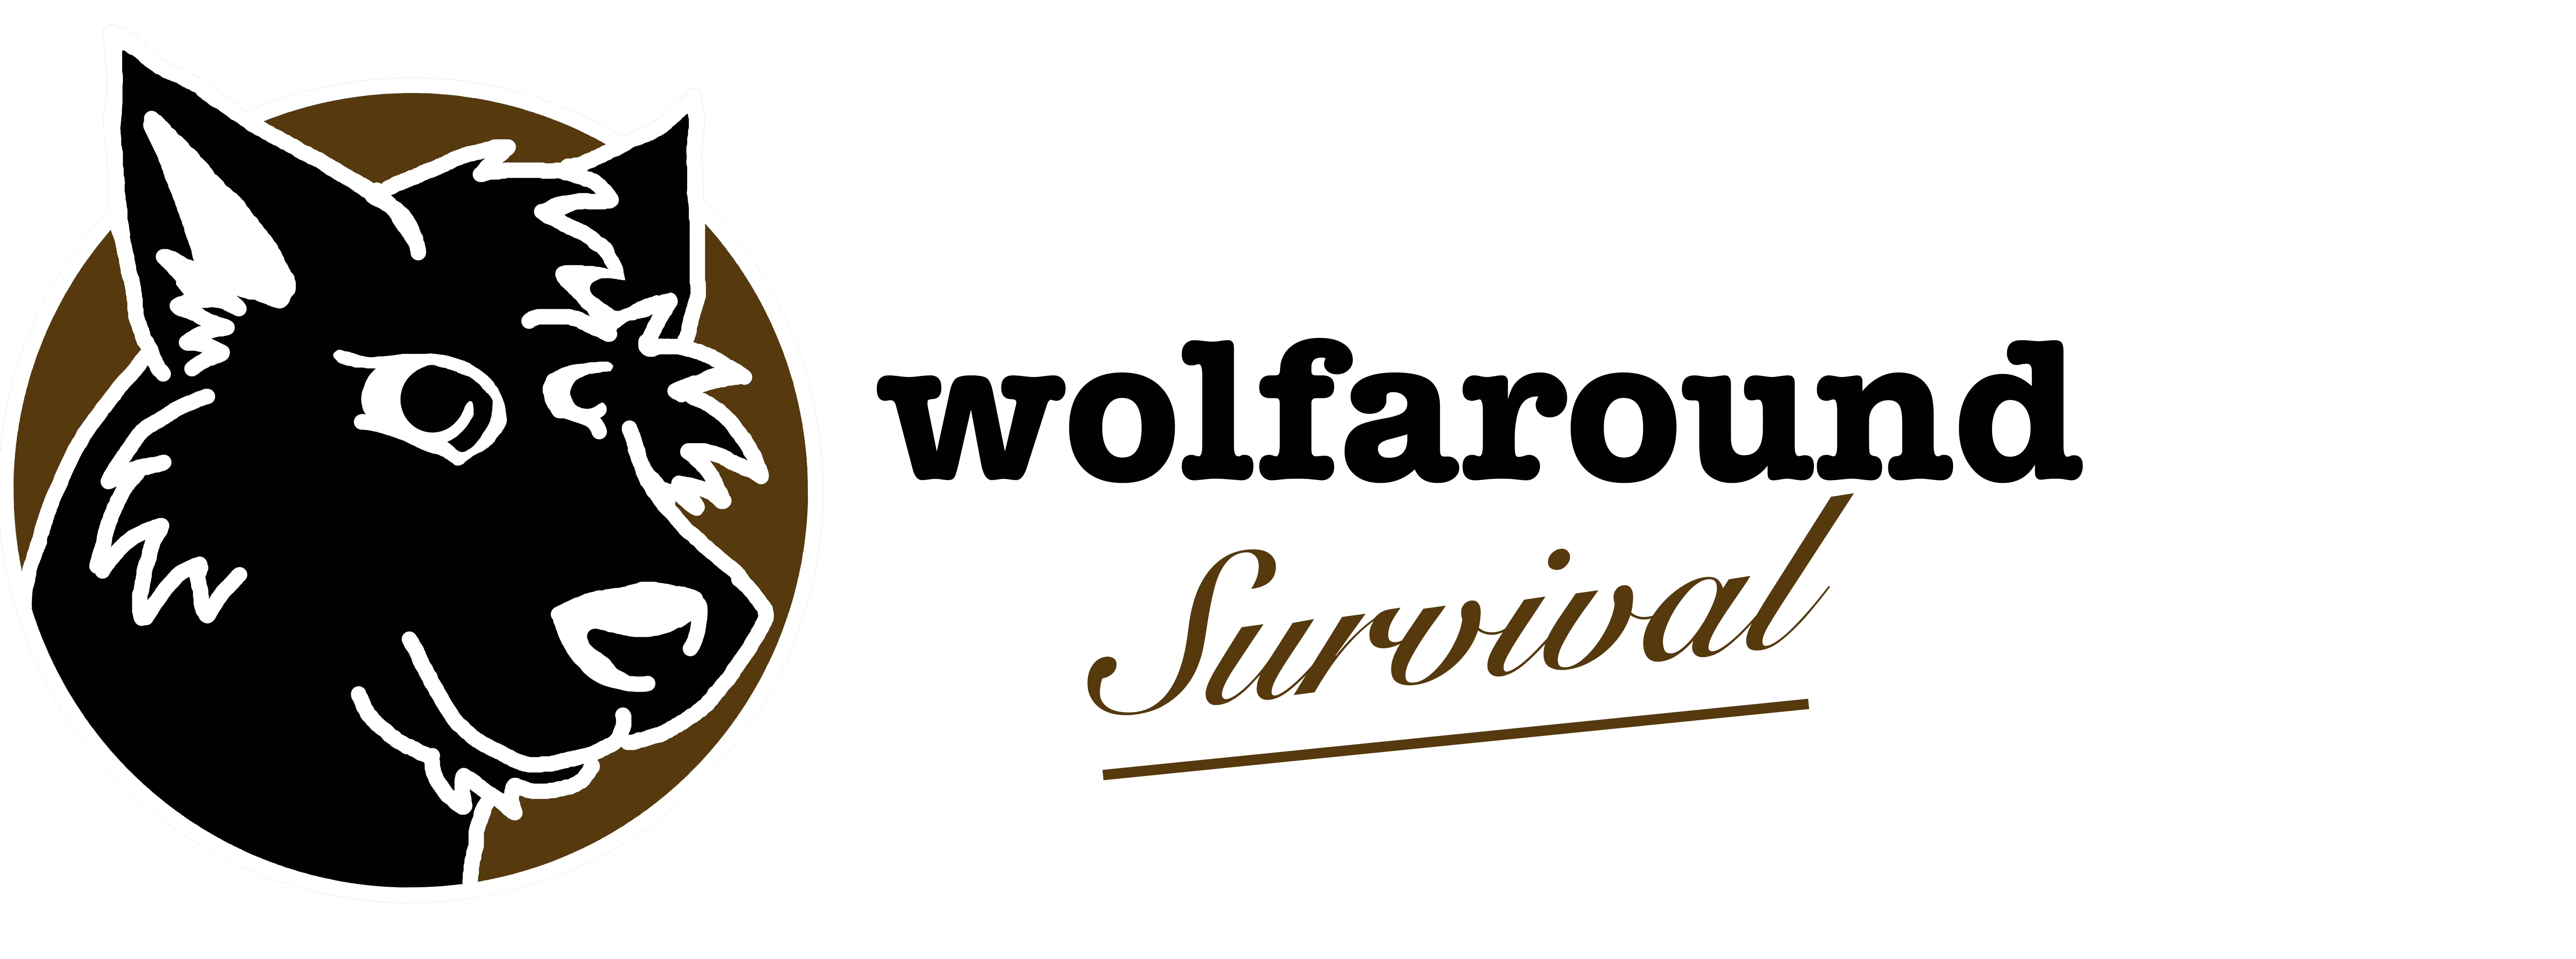 wolfaround